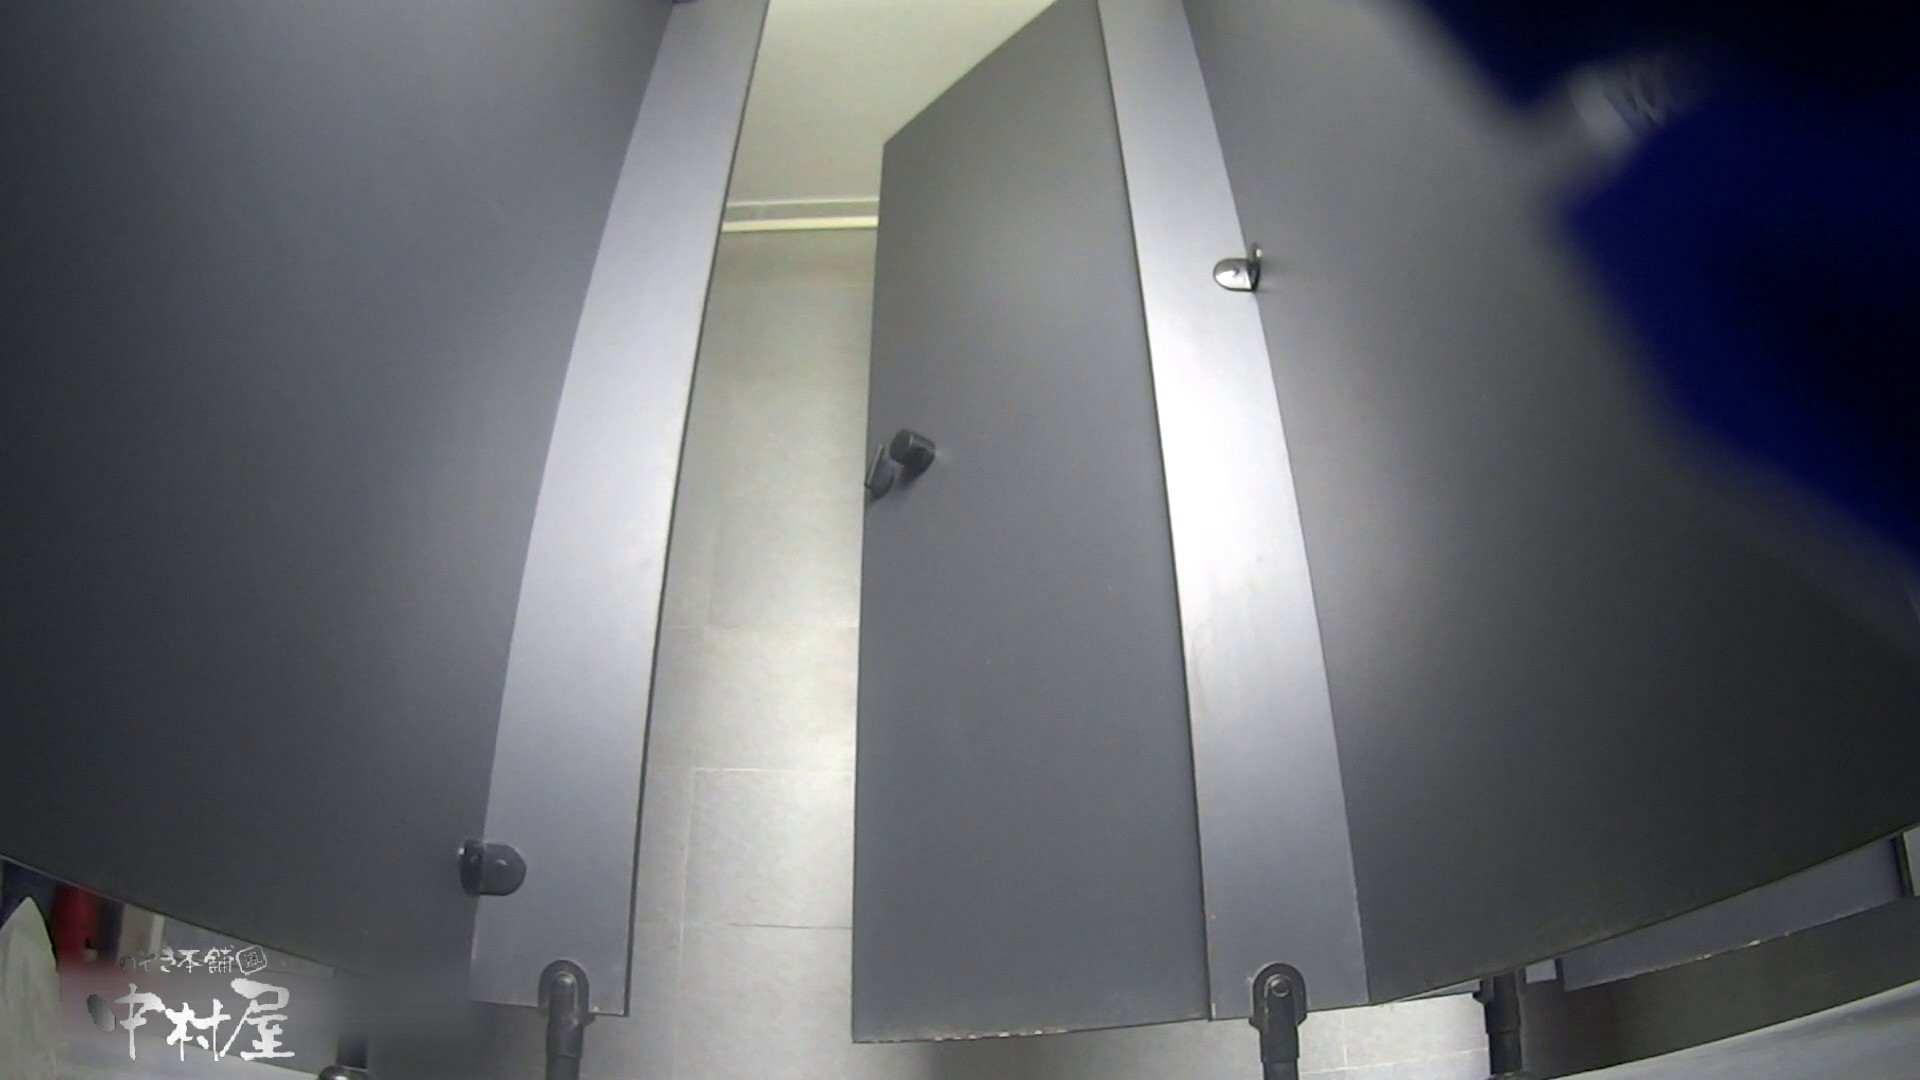 ツンデレお女市さんのトイレ事情 大学休憩時間の洗面所事情32 盗撮 おまんこ無修正動画無料 75画像 42